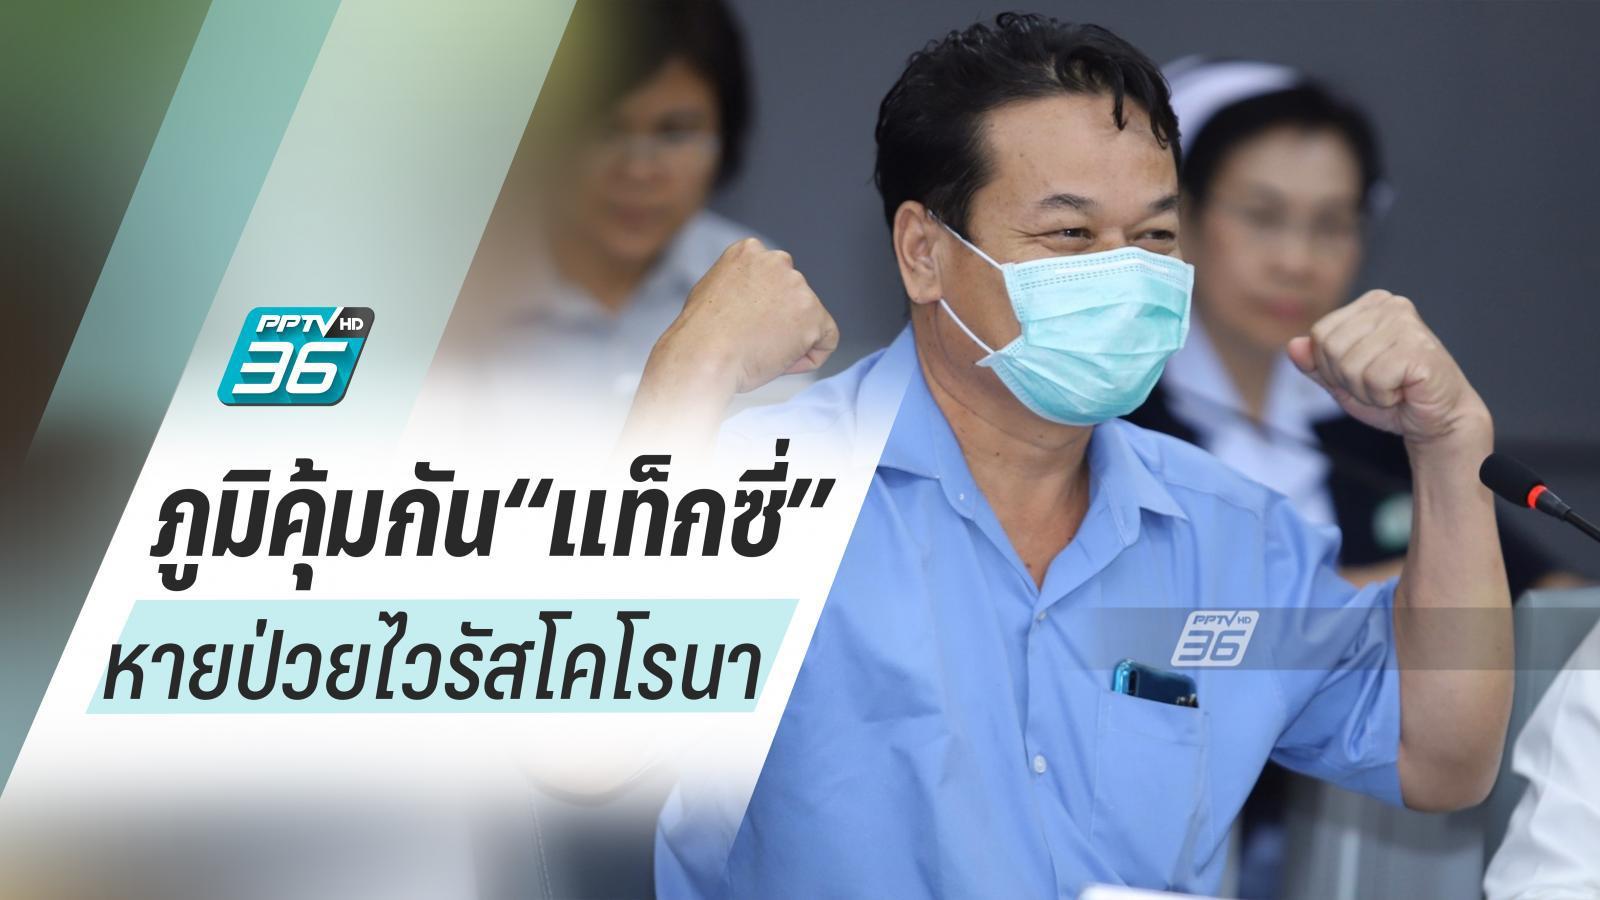 """แพทย์ไทยใช้ภูมิคุ้มกัน """"แท็กซี่"""" หายป่วยไวรัสโคโรนา หวังรักษาผู้ป่วยหนัก 2 ราย"""